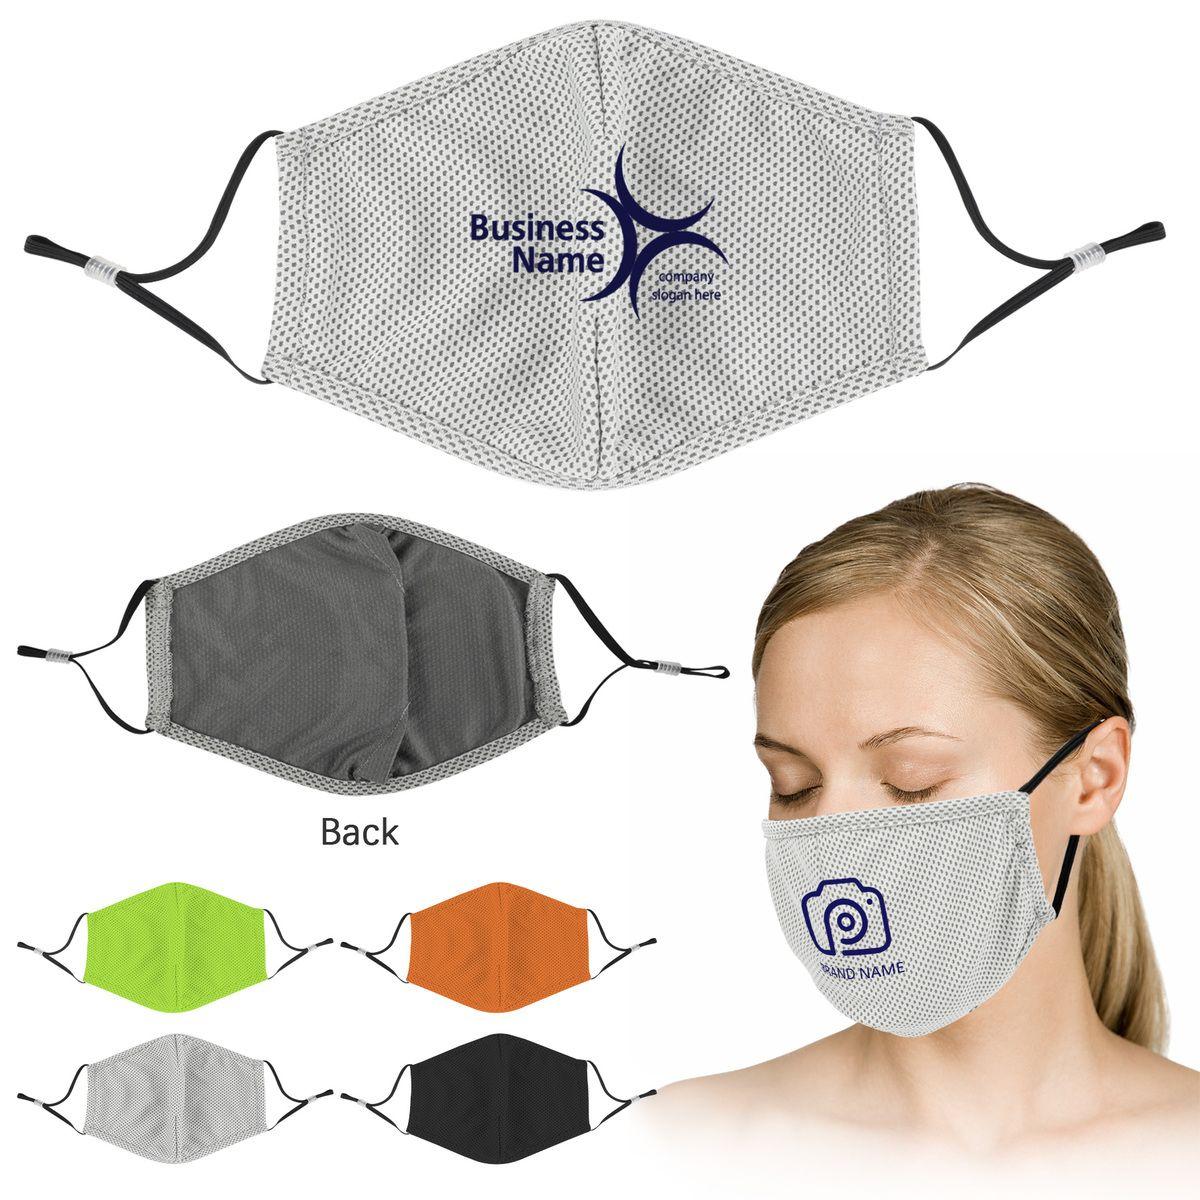 Reusable Sublimated Cooling Face Mask 203475 Gobrandspirit Com